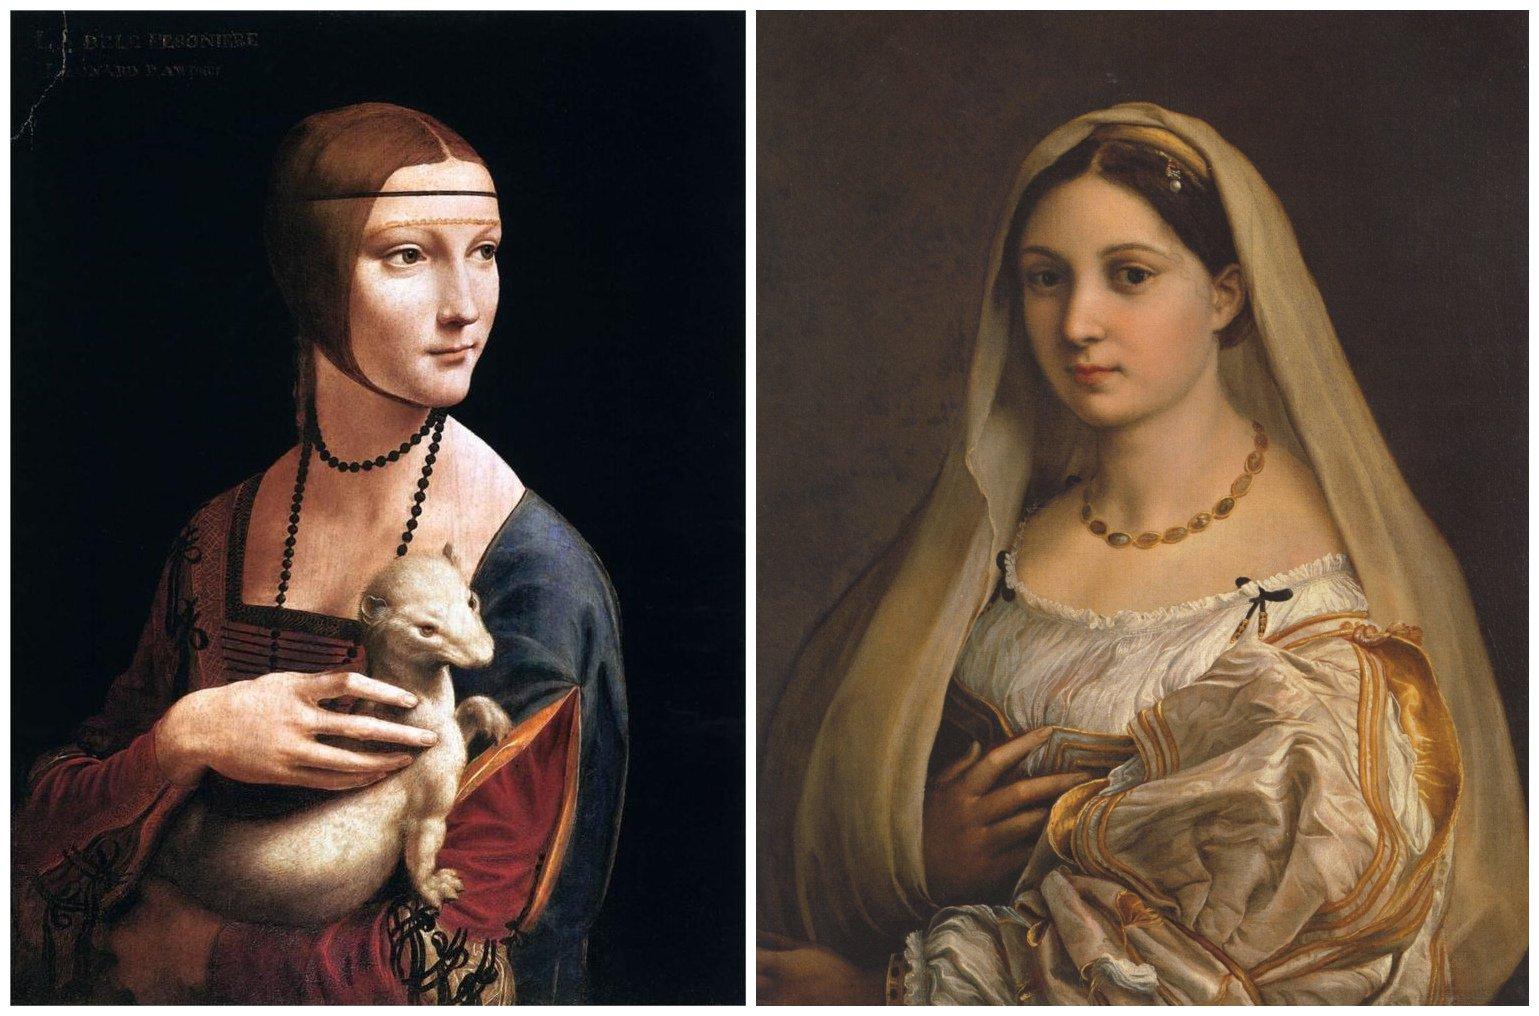 左:列奥纳多・达・芬奇作品《抱银貂的女子》;右:拉斐尔作品《La velata》